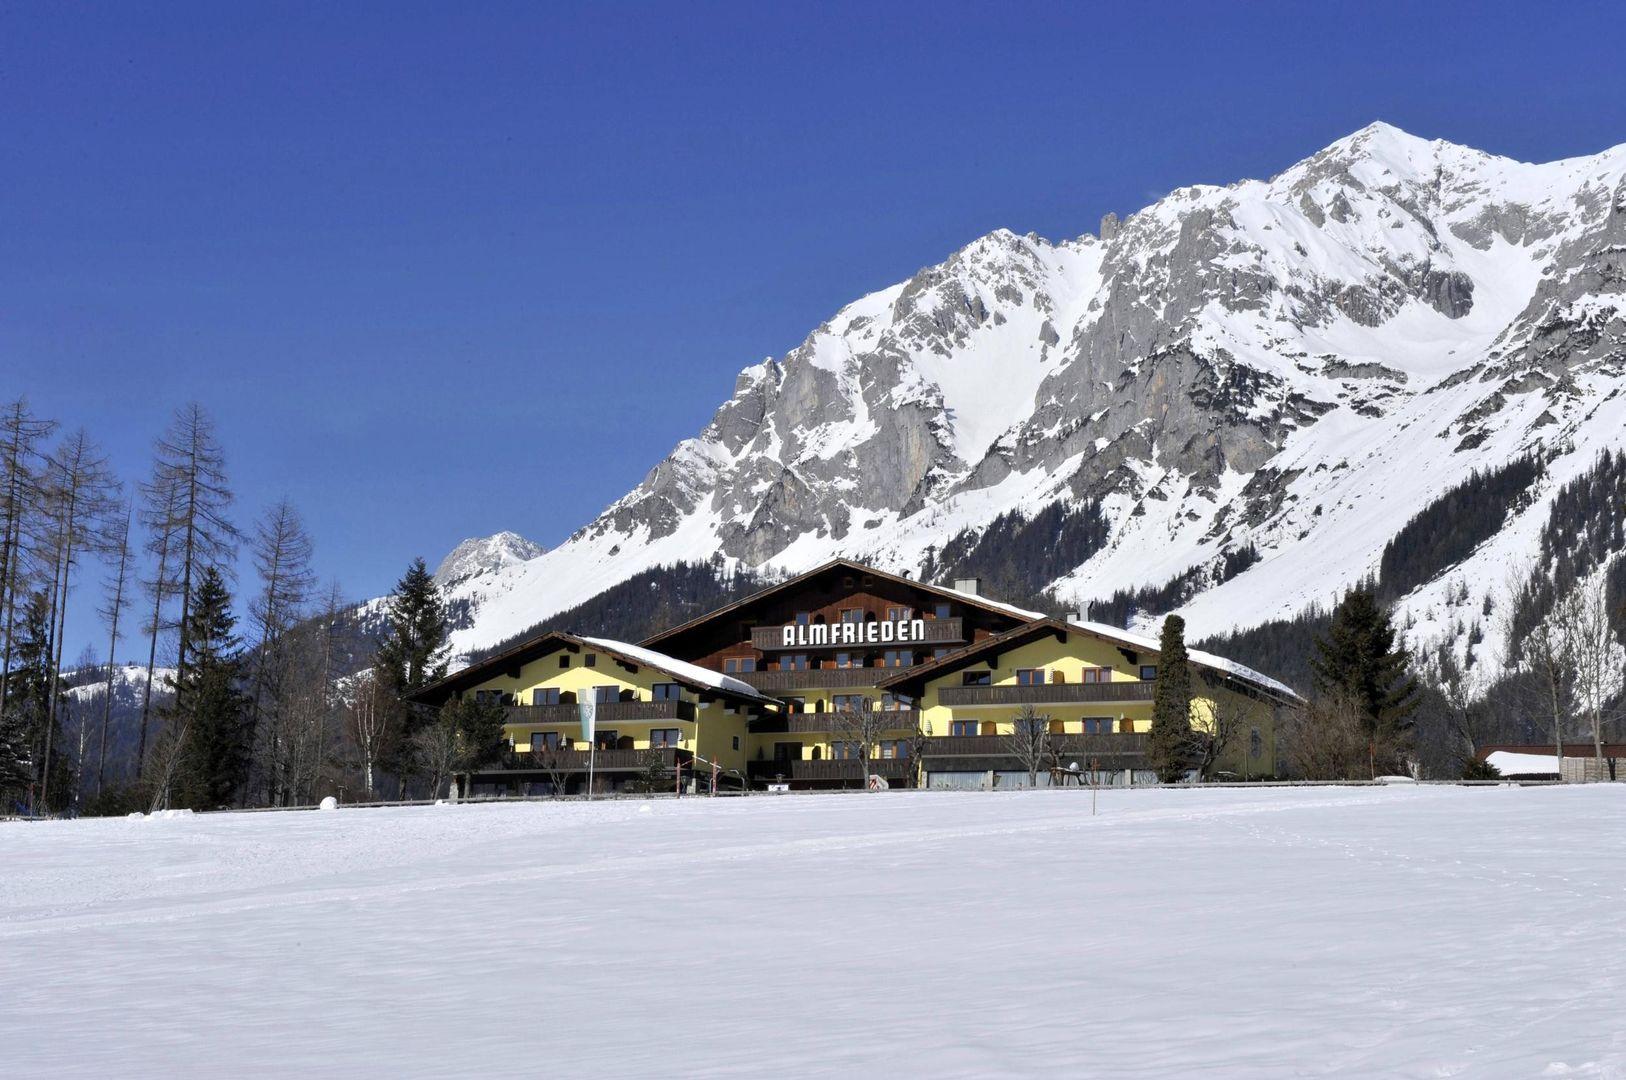 Meer info over Hotel Almfrieden  bij Wintertrex